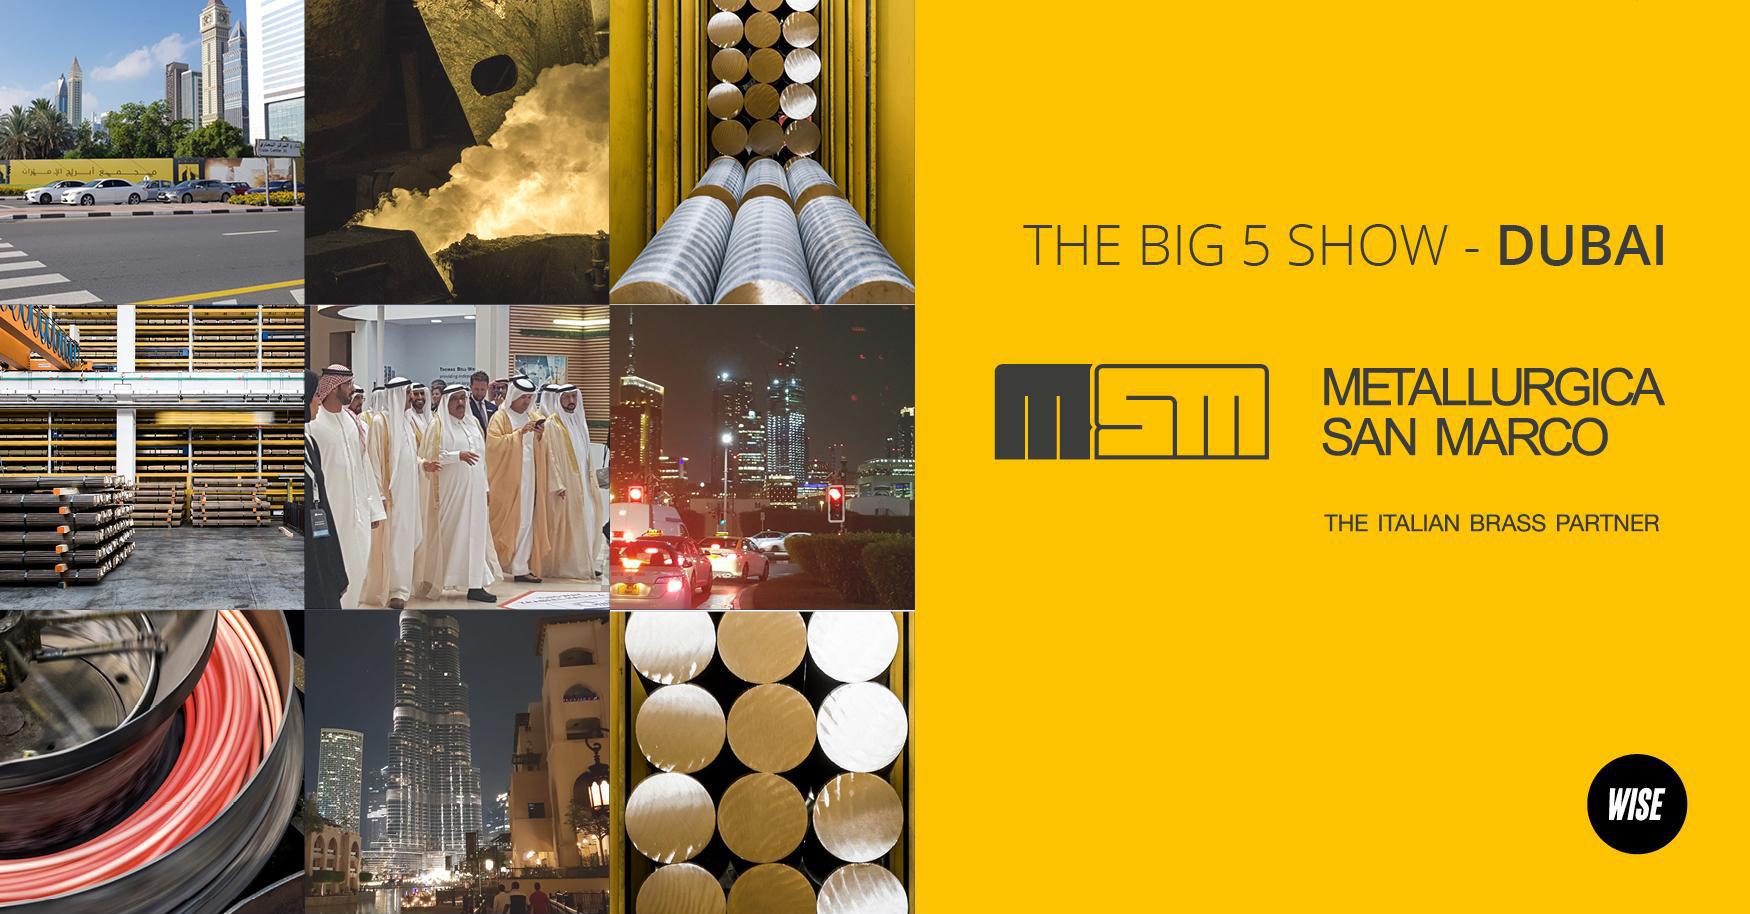 organizzazione fiera internazionale Metallurgica San Marco a Dubai